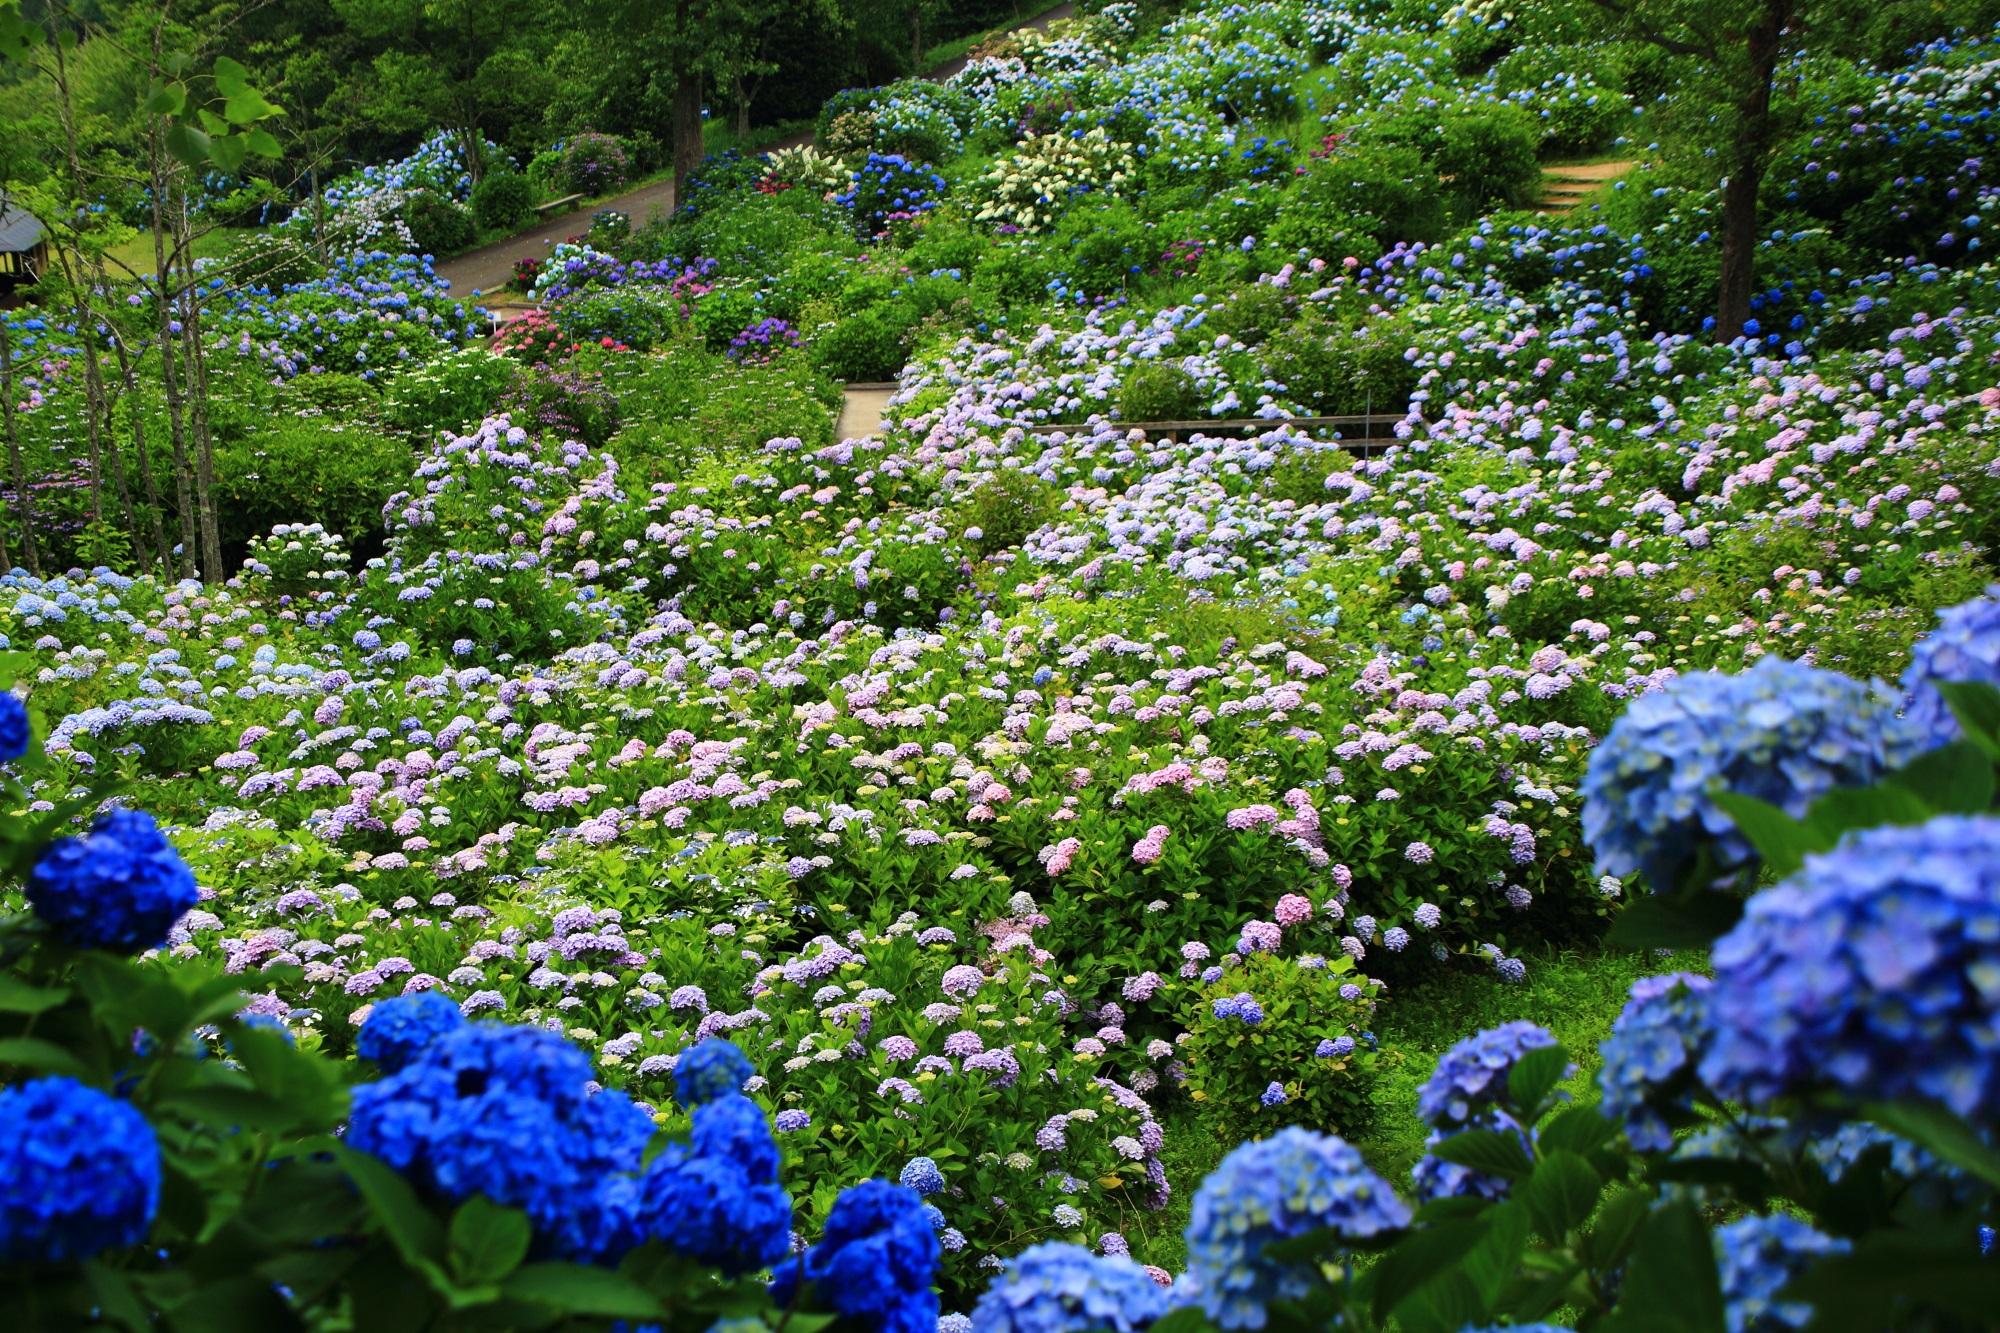 舞鶴自然文化園の素晴らしすぎるアジサイ園(あじさいの海)の紫陽花と情景